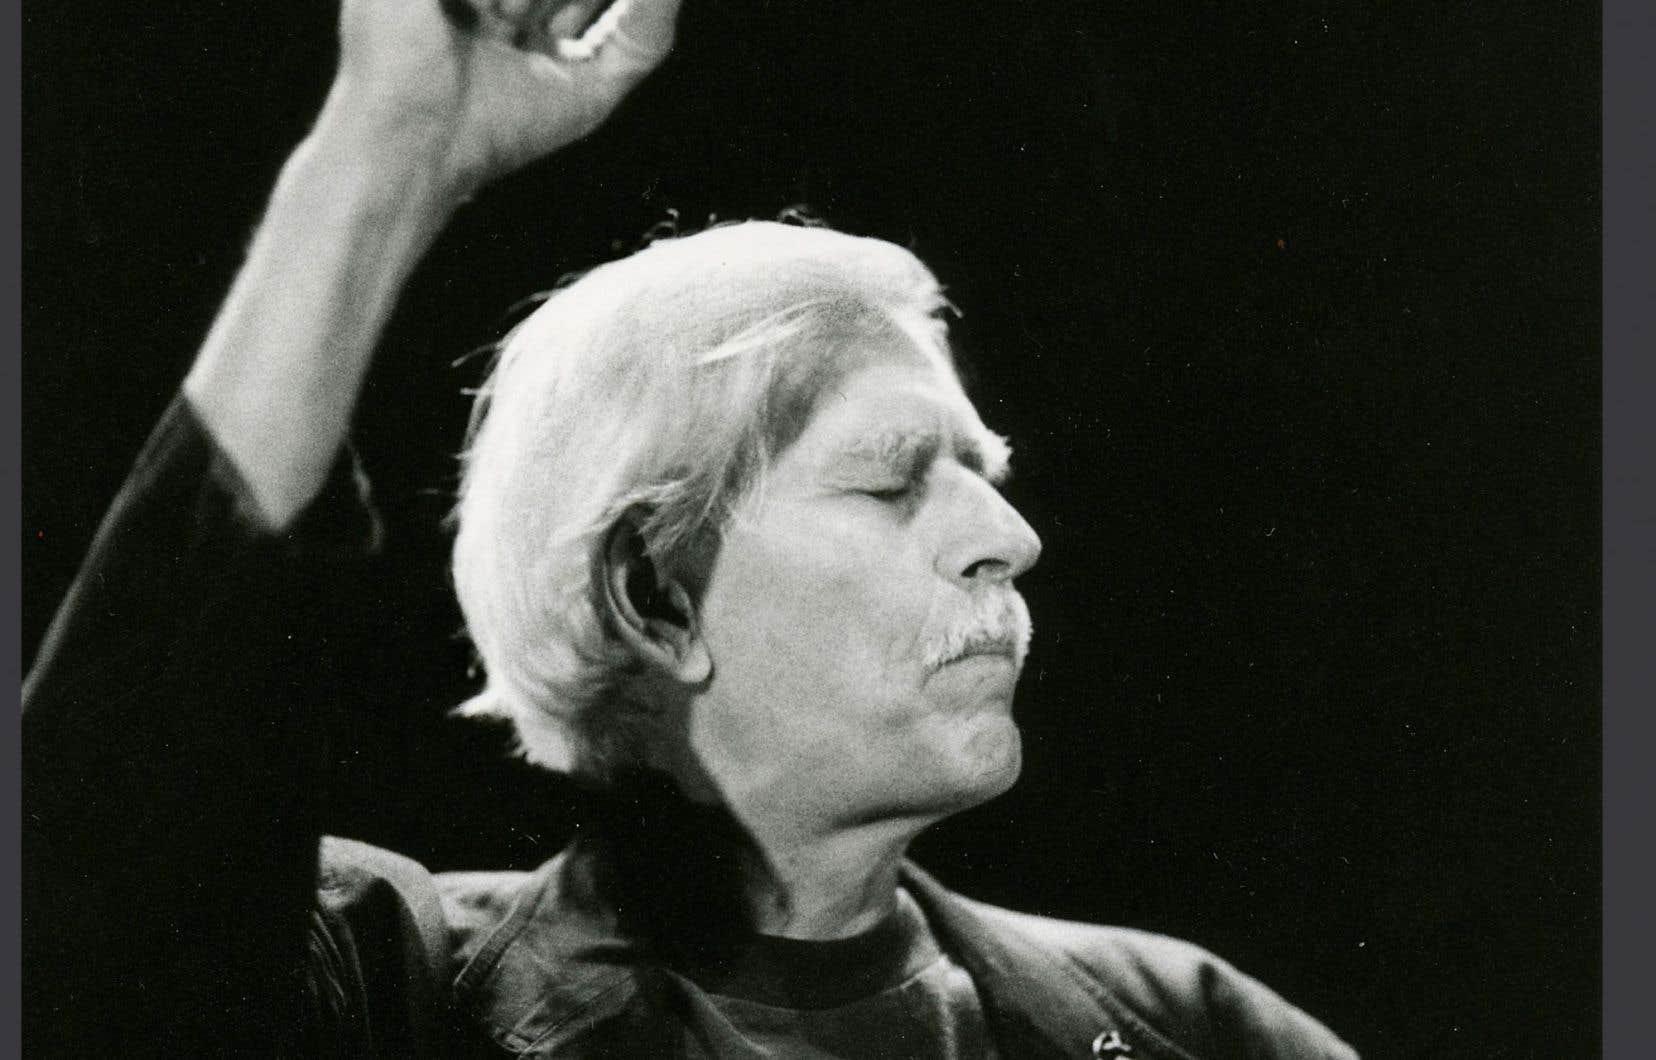 Le comédien Benoît Girard dans la pièce «Le marchand de Venise», au Théâtre d'Aujourd'hui en 1996